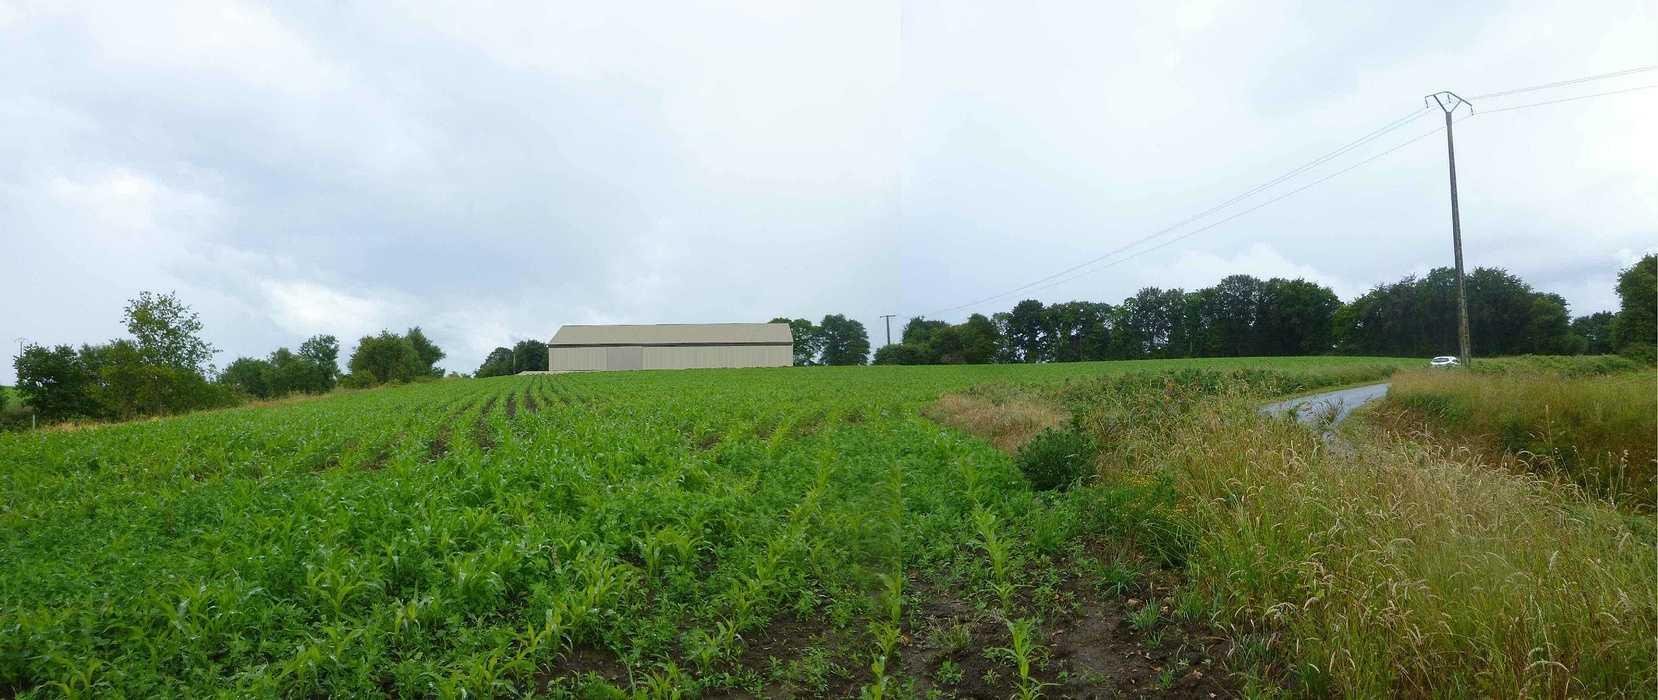 Projet construction d''un hangar agricole - Secteur Langonnet 3